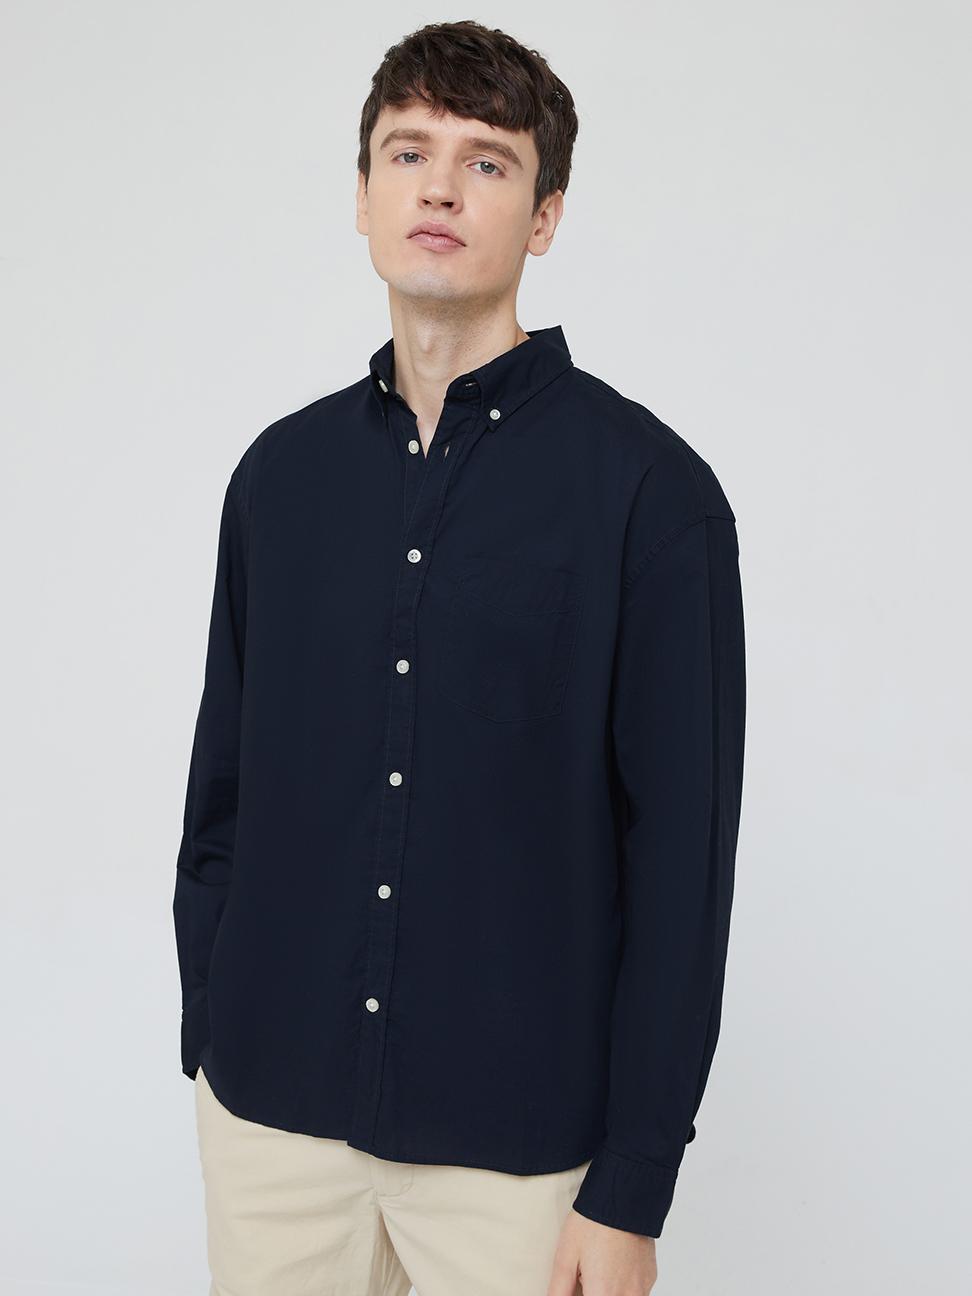 男裝 通勤休閒府綢布襯衫